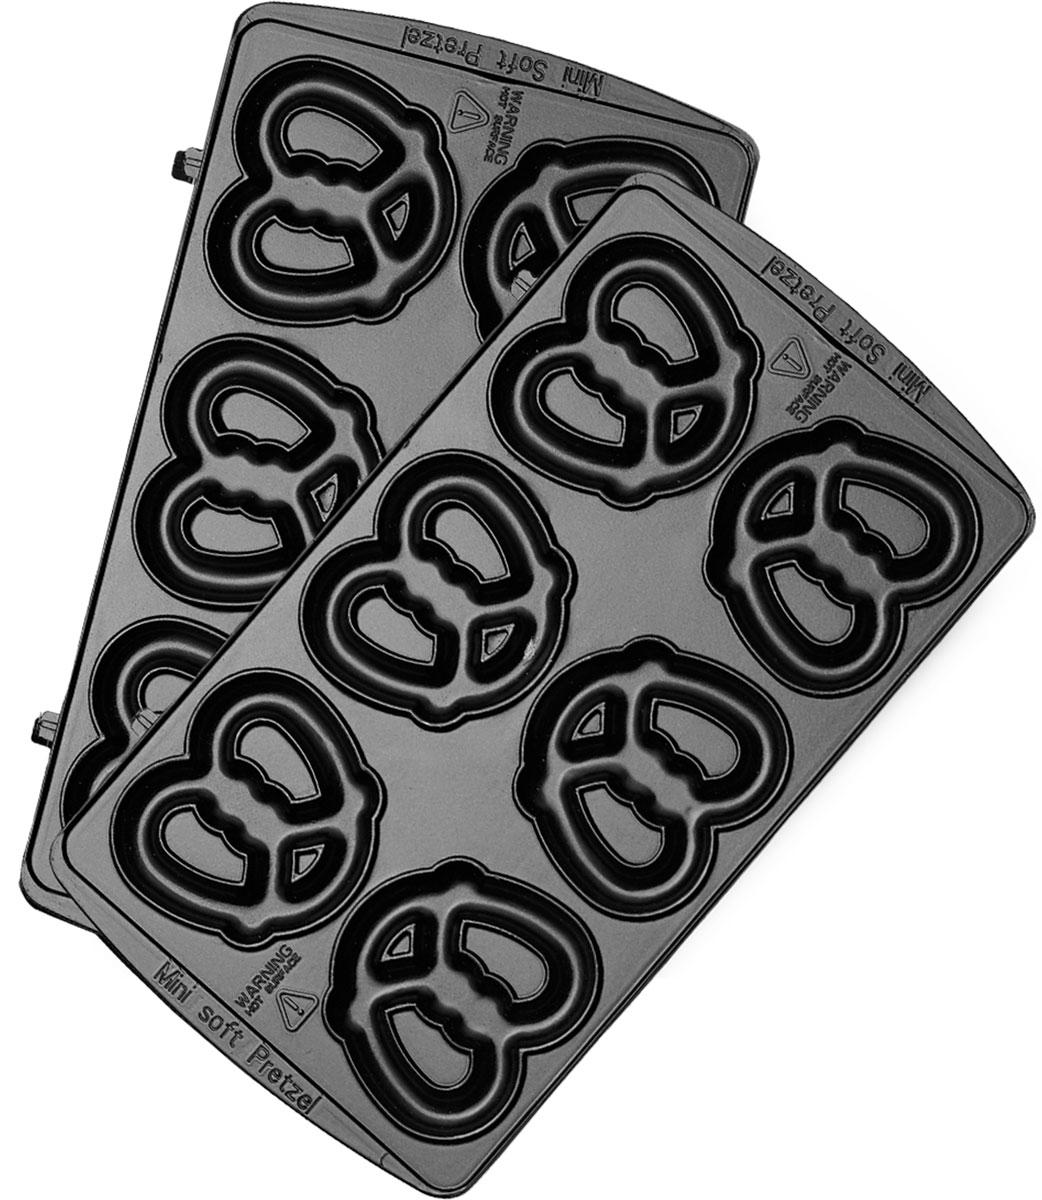 Redmond RAMB-08 панель для мультипекаряRAMB-08Универсальные съемные панели RAMB-08 для любого мультипекаря Redmond! Позволят приготовить миниатюрные сладкие или соленые крендели, которые станут отличным десертом или легкой закуской. Панели изготовлены из металла с антипригарным покрытием - они долговечны и легки в уходе.